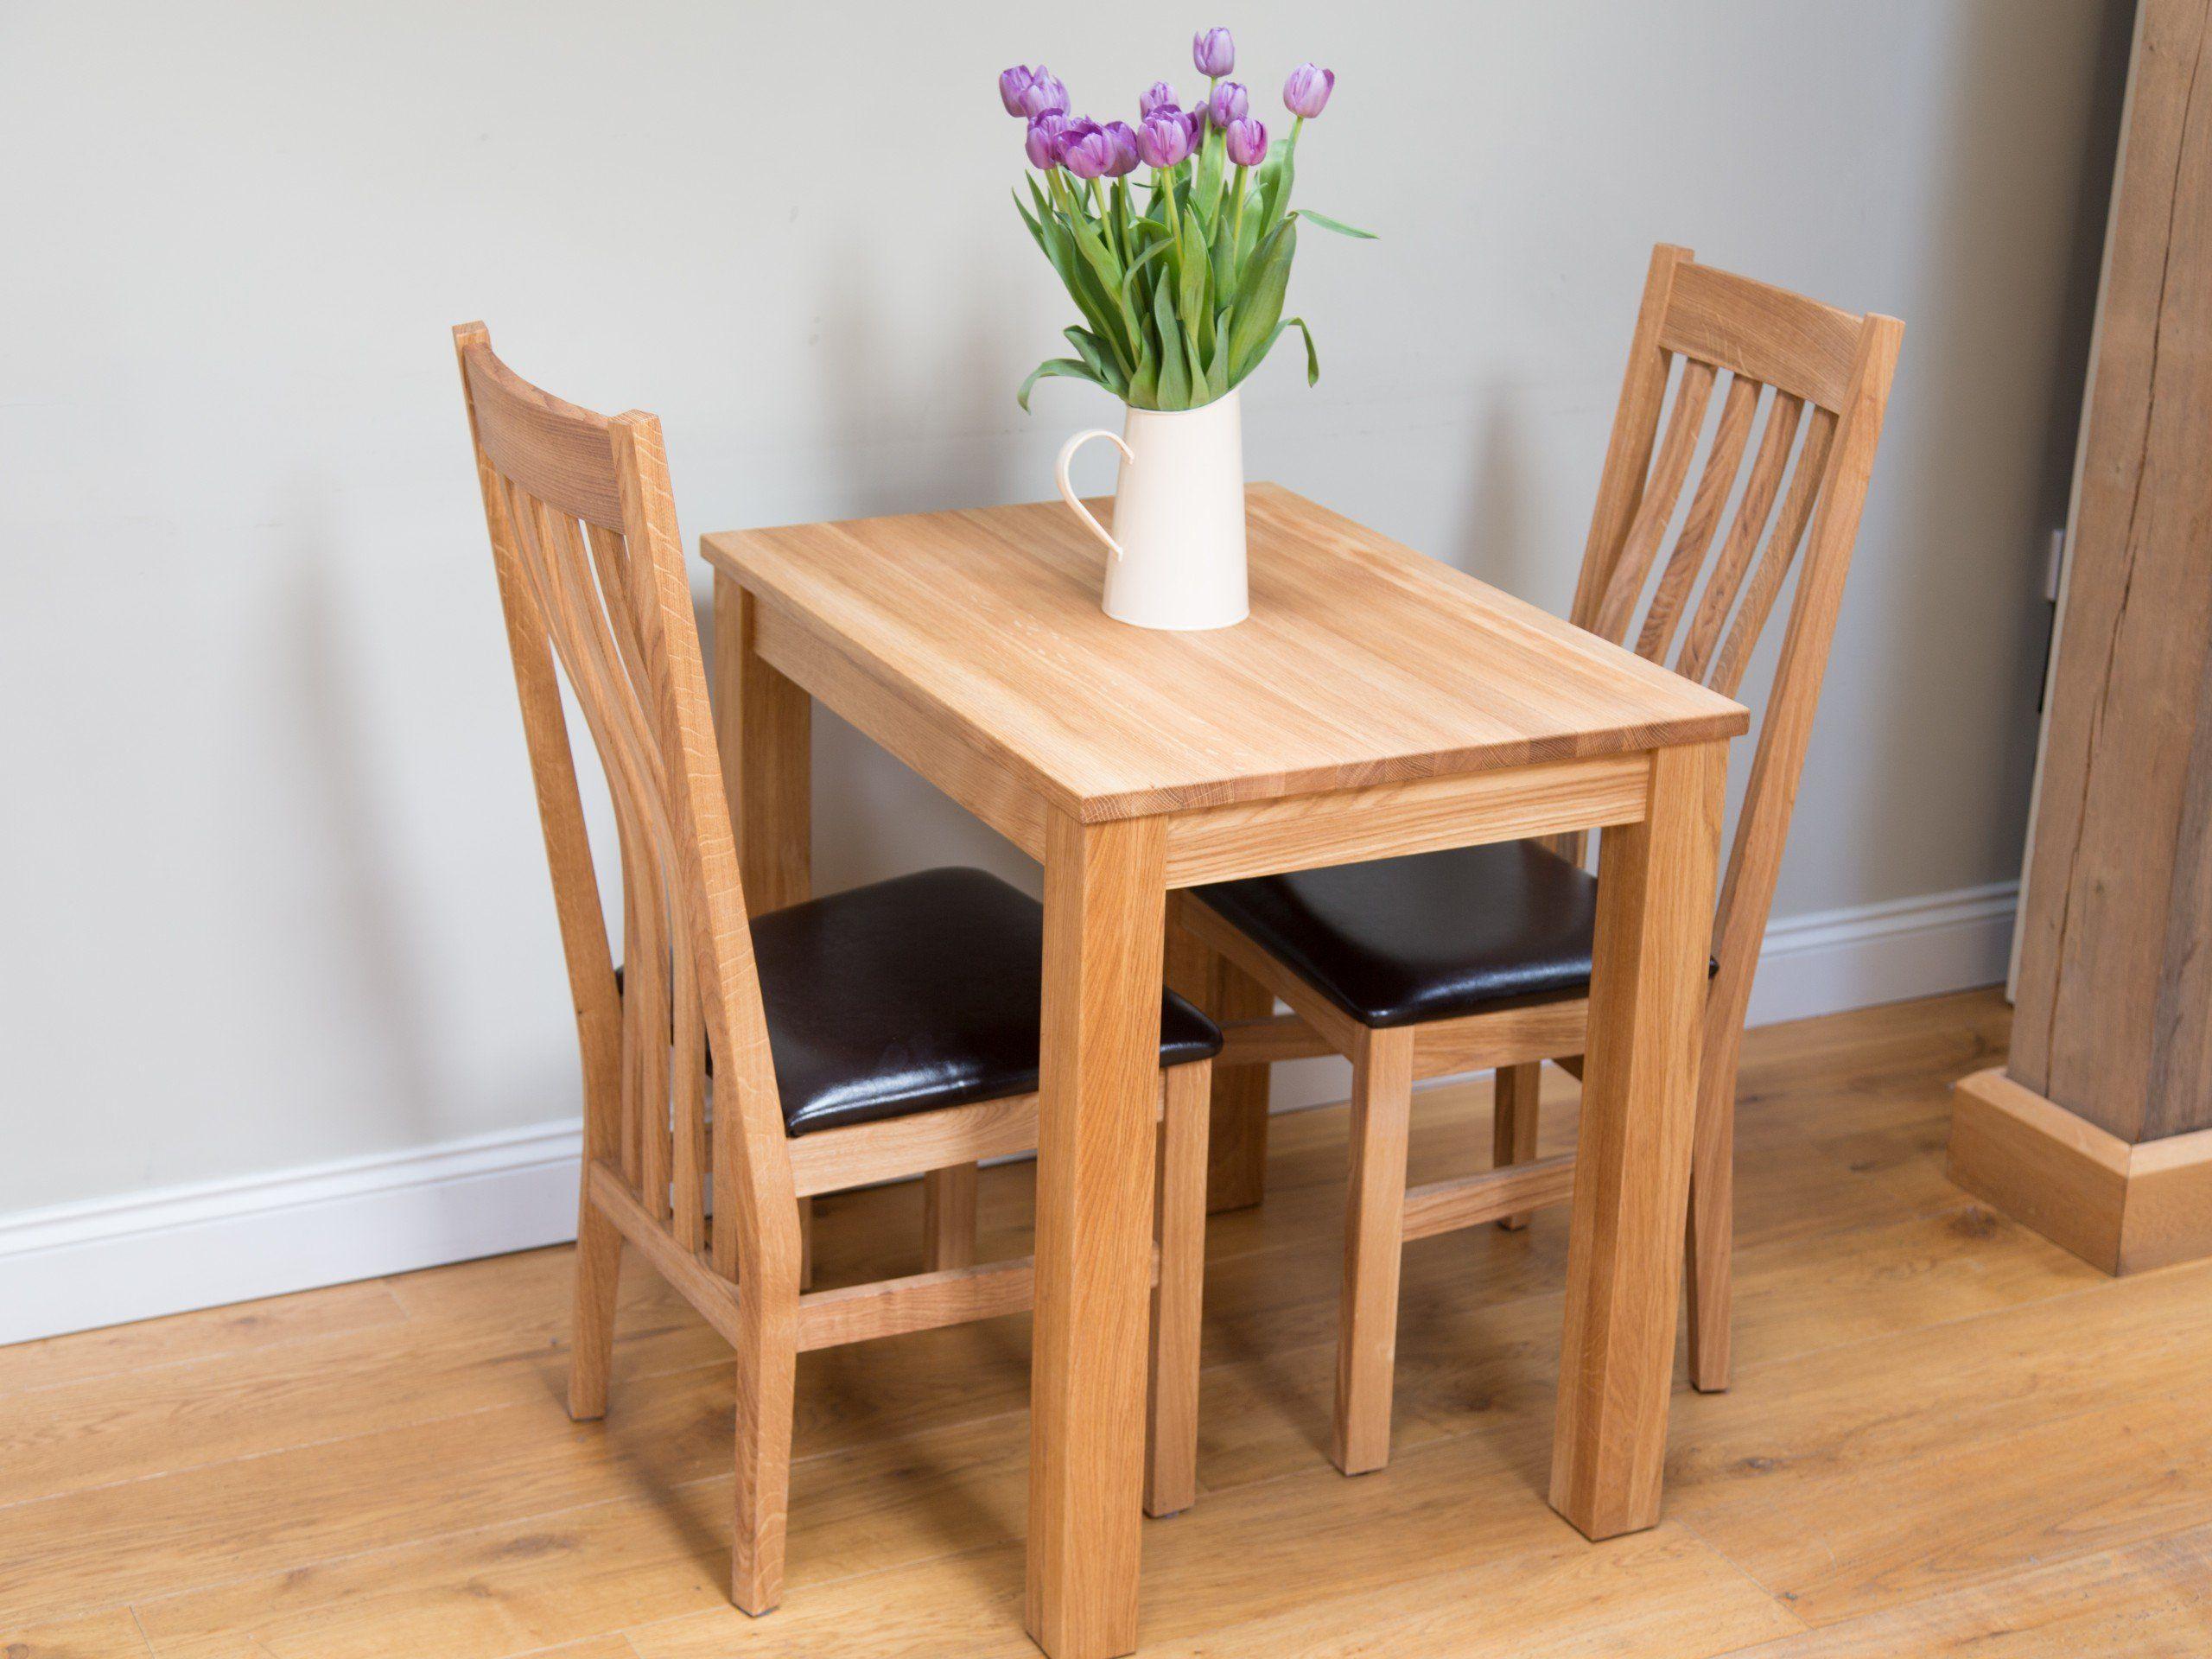 Small Kitchen Table And Chairs Set Kleiner tisch und